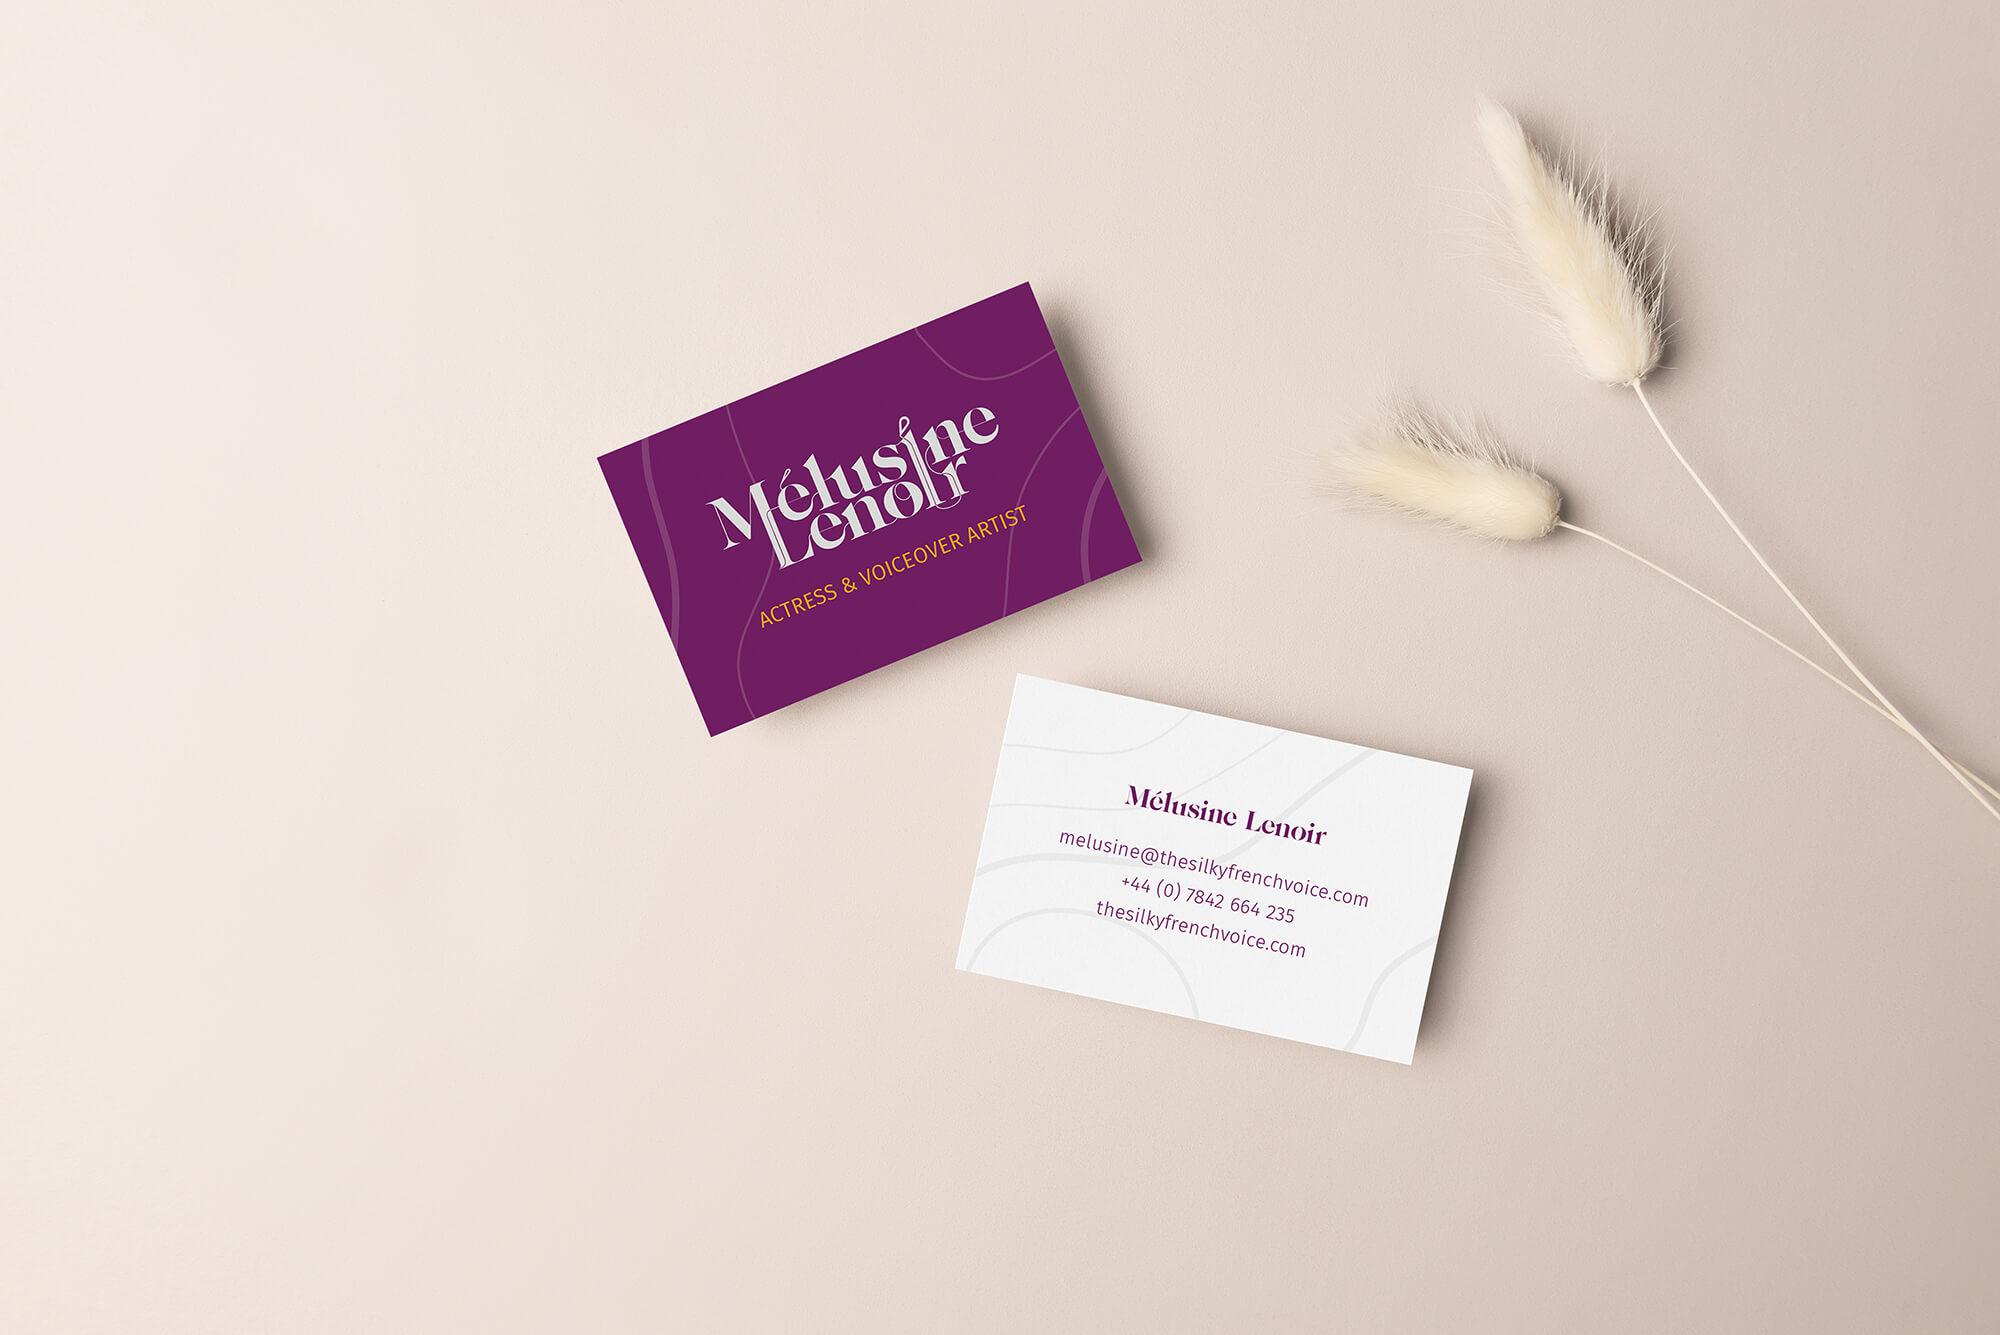 Melusine Lenoir voiceover branding logo business cards